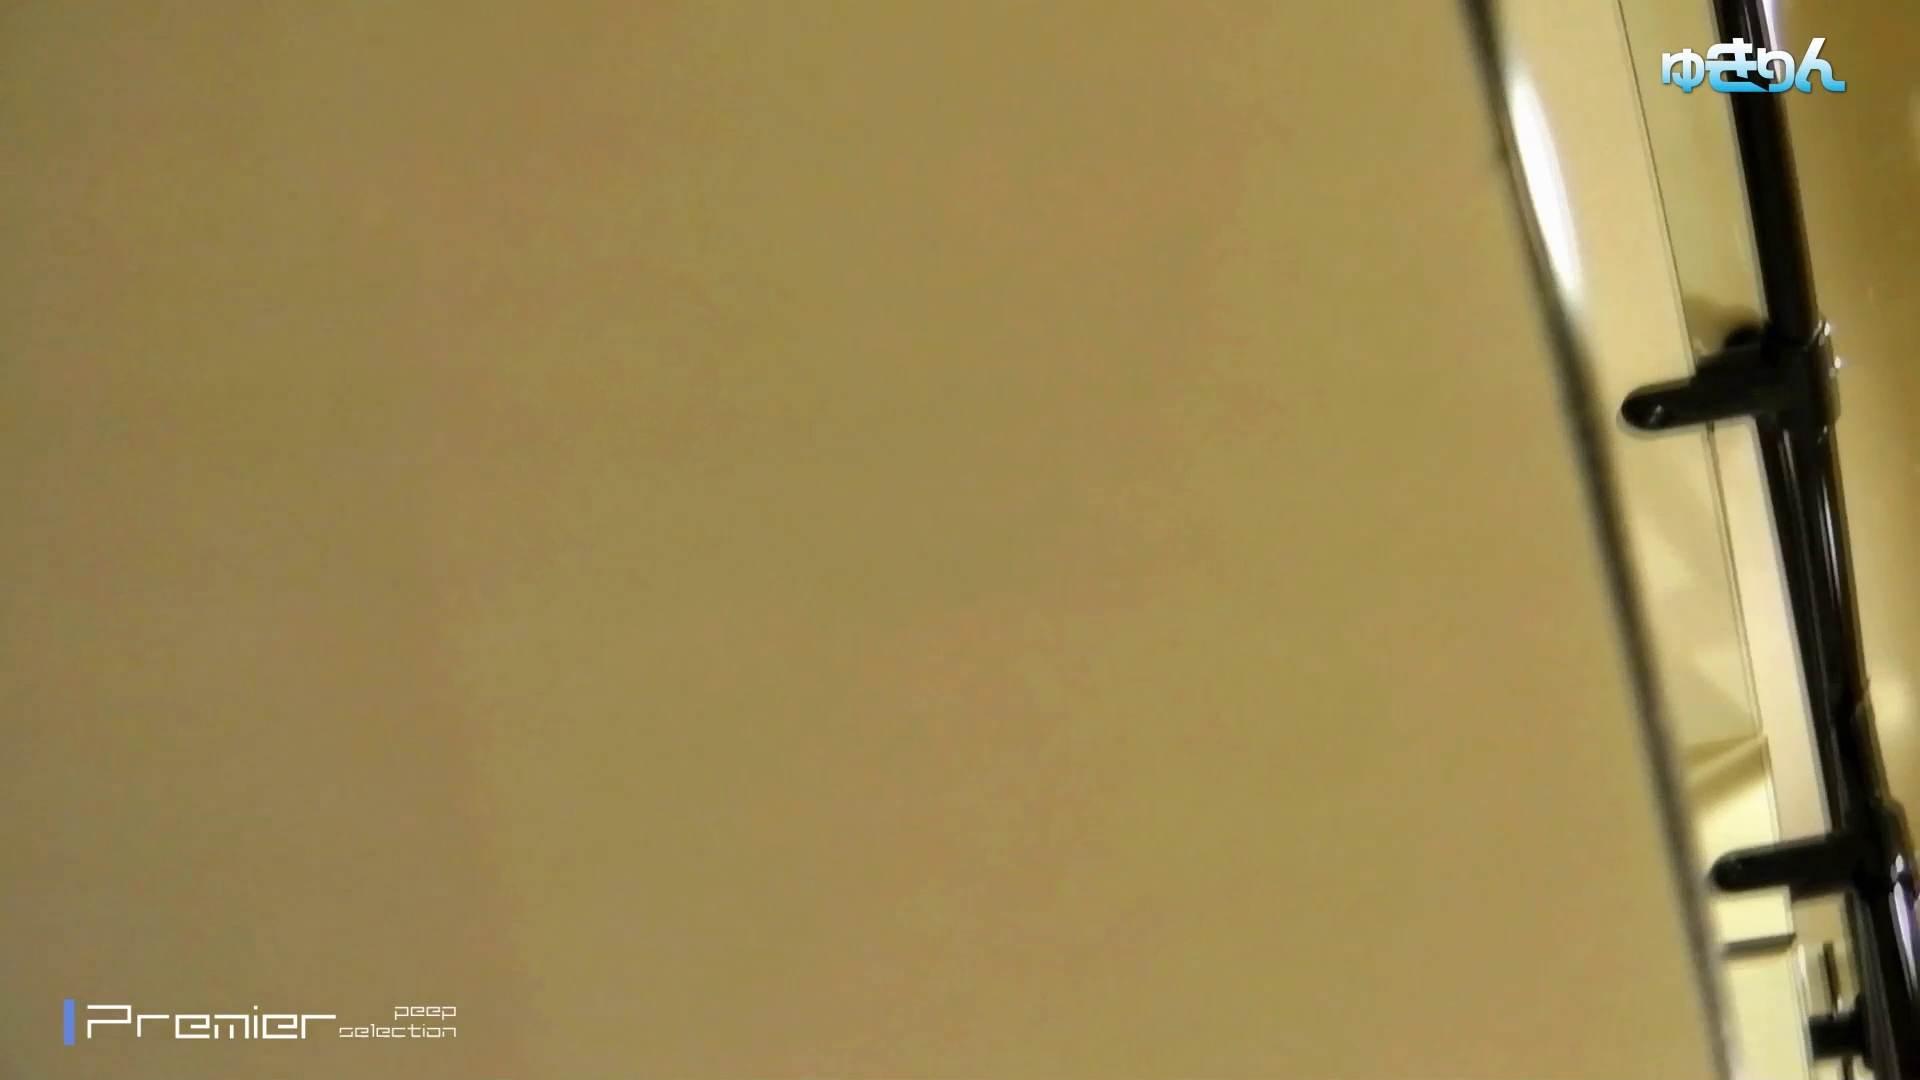 新世界の射窓 No89 あの有名のショーに出ているモデルが偶然に利用するという 洗面所 | 0  113画像 85